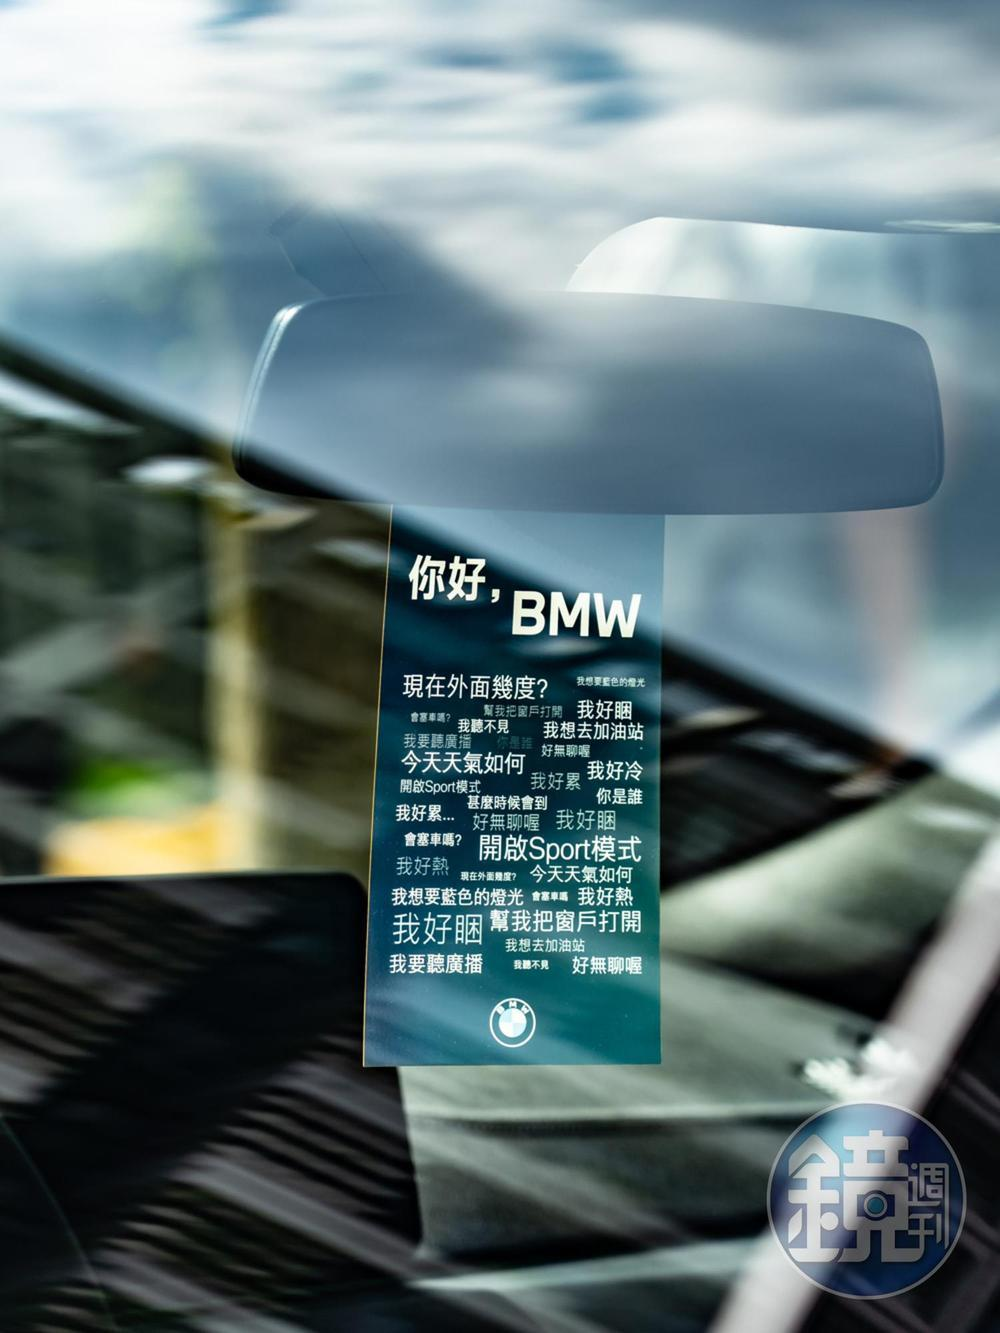 語音聲控功能也較之前Smart許多,不用再說「Hey BMW」之類的啟動關鍵字,只需要直接喊著「肚子餓」、「想去加油」之類的口語用詞,即刻就會呼應需求。